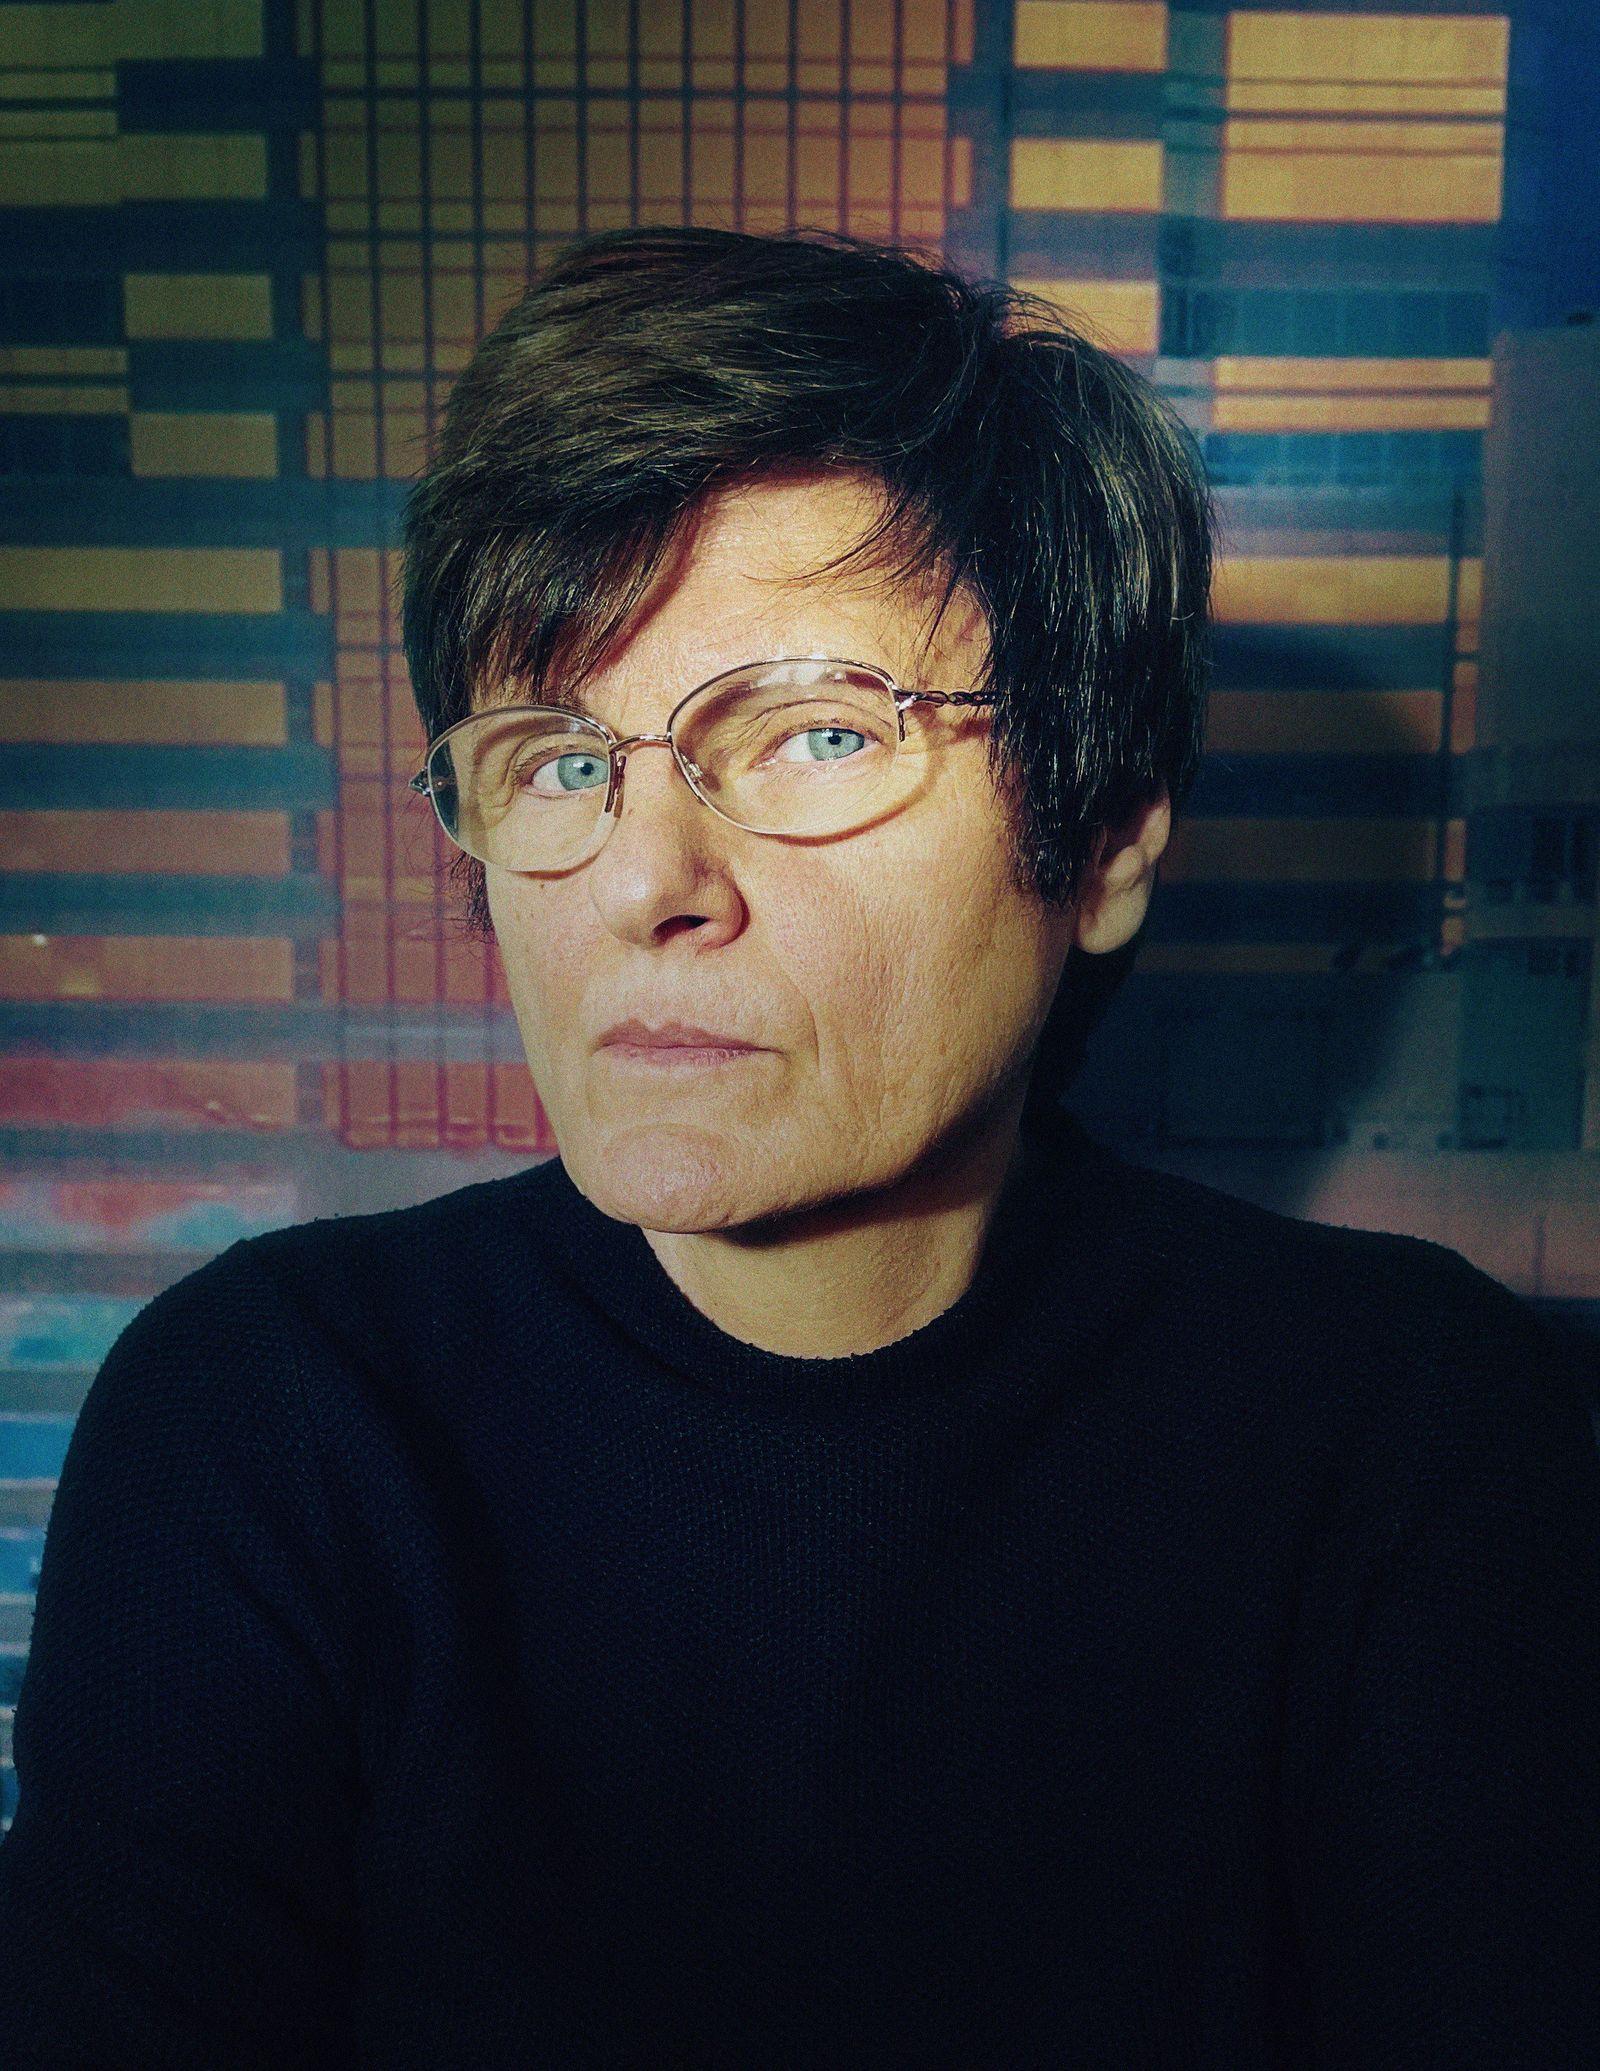 Katalin Kariko, Senior vice president, BioNTech, photographed remotely in her home outside Philadelphia, Jan. 2021.